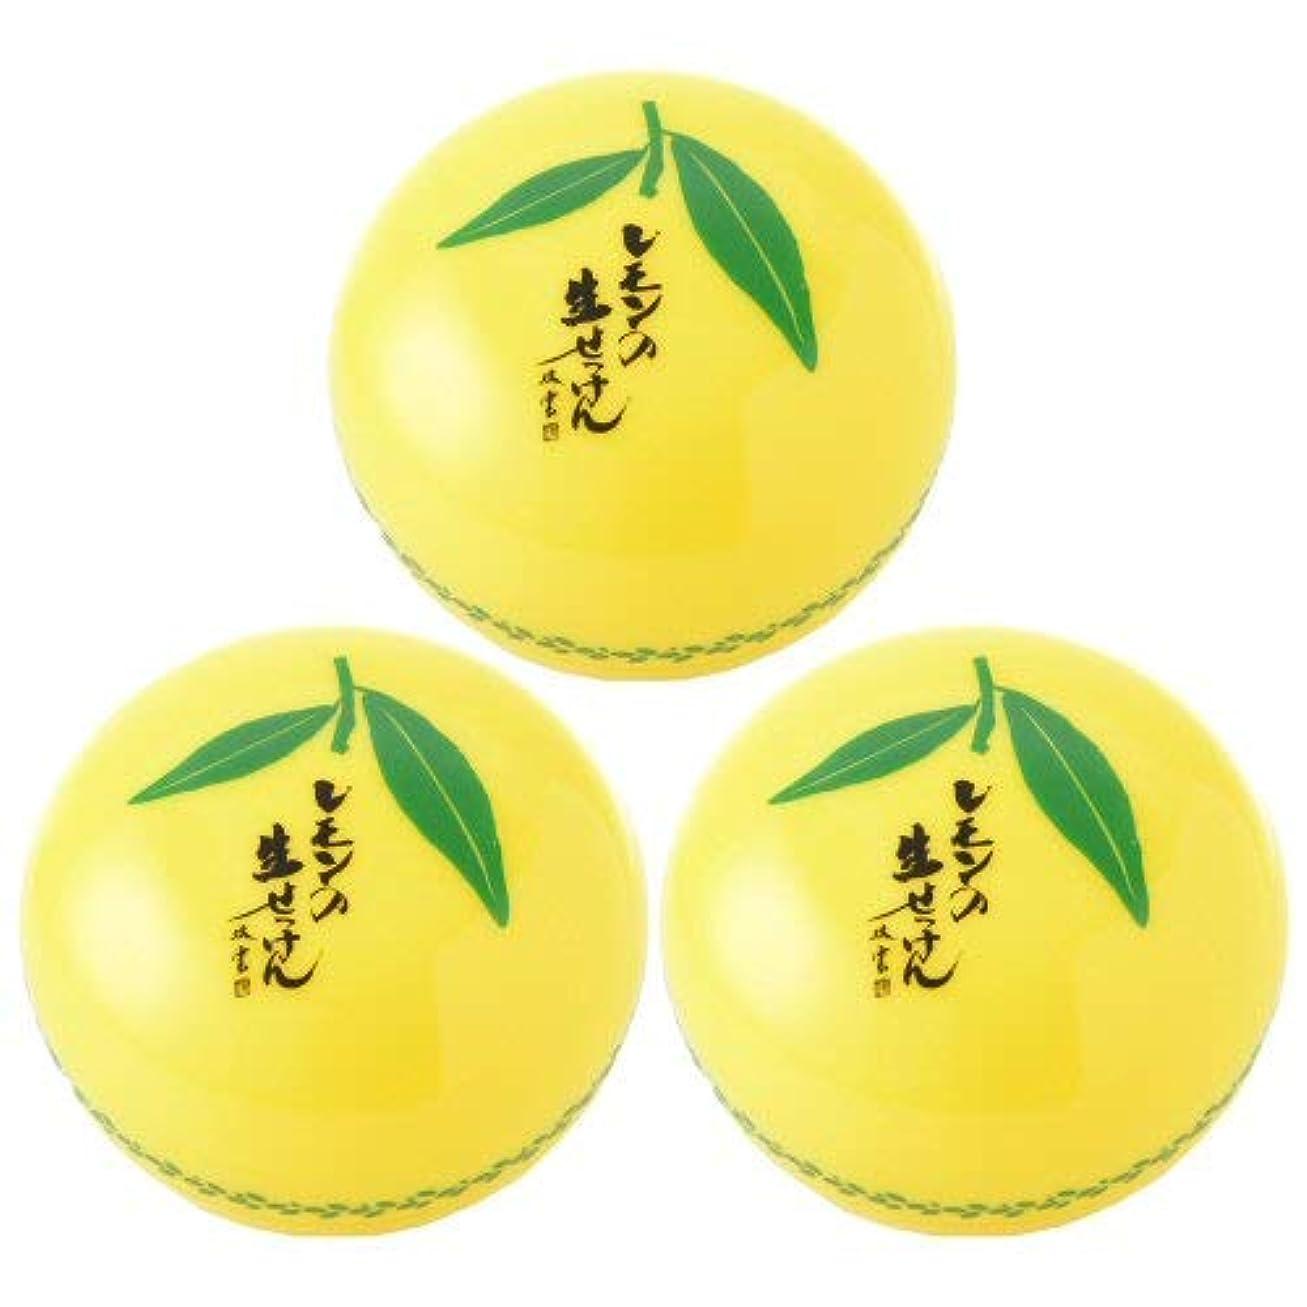 パイルシダしょっぱいUYEKI美香柑レモンの生せっけん120g×3個セット